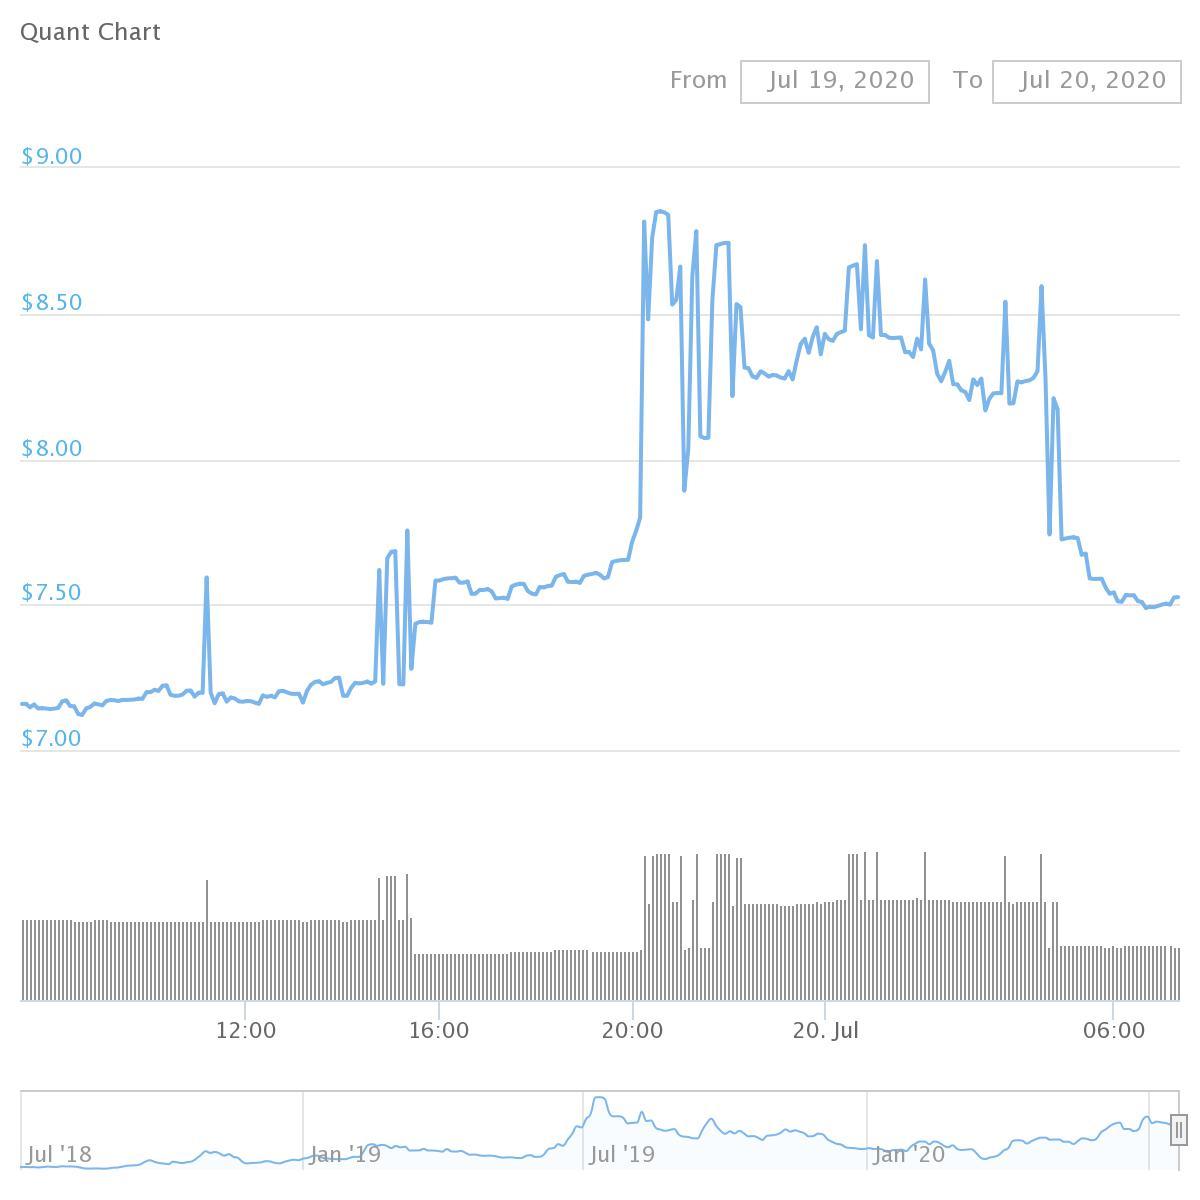 Quant  chart